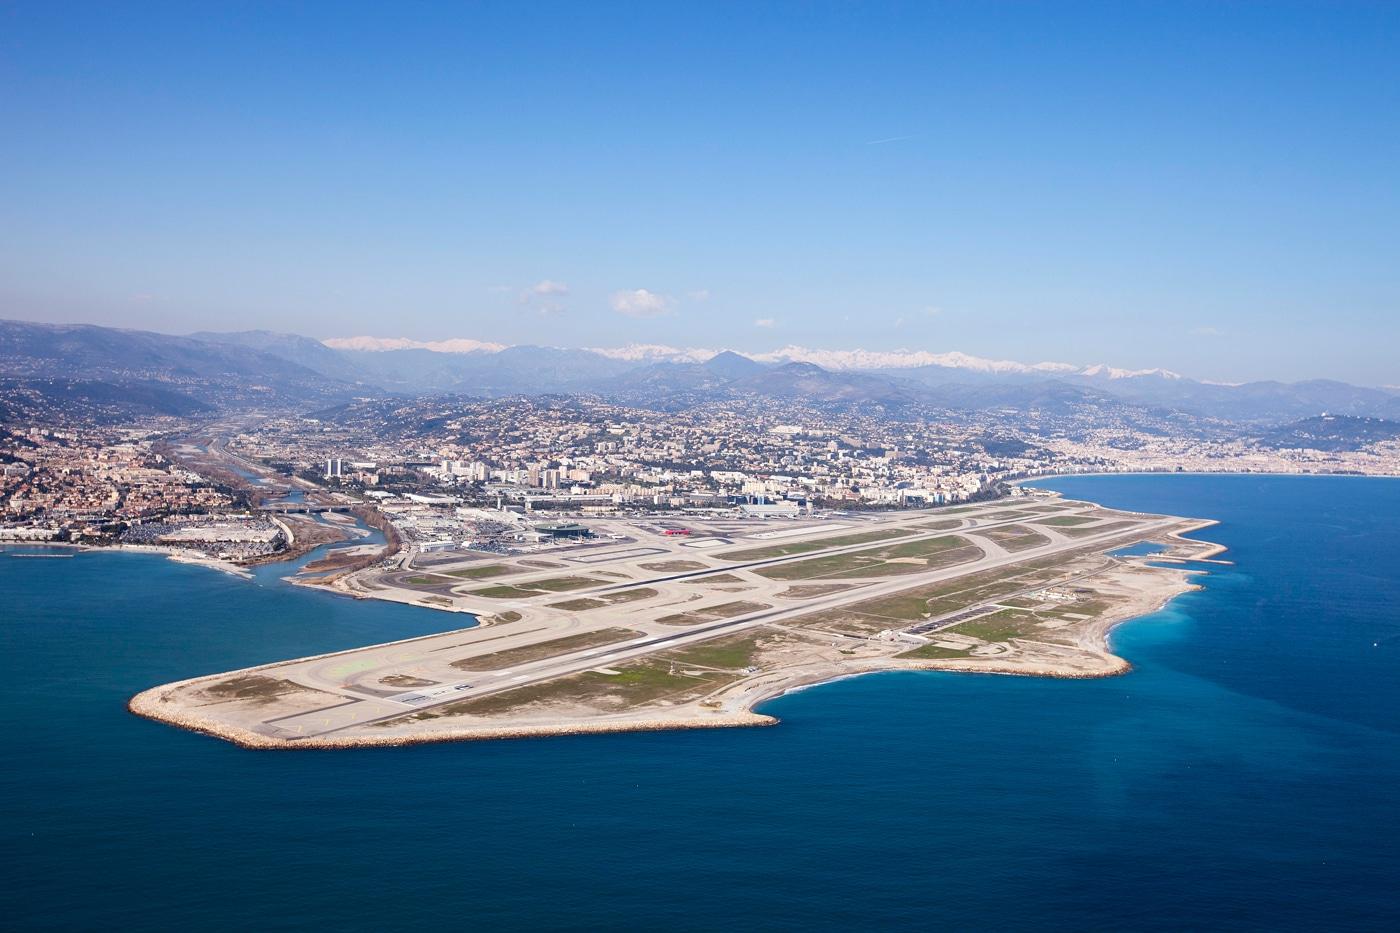 Nice confirme sa place de premier aéroport international après Paris. La progression du trafic annuel en hausse de 8,5% sur 2011 s'est vue conforter en 2012, avec une nouvelle progression…